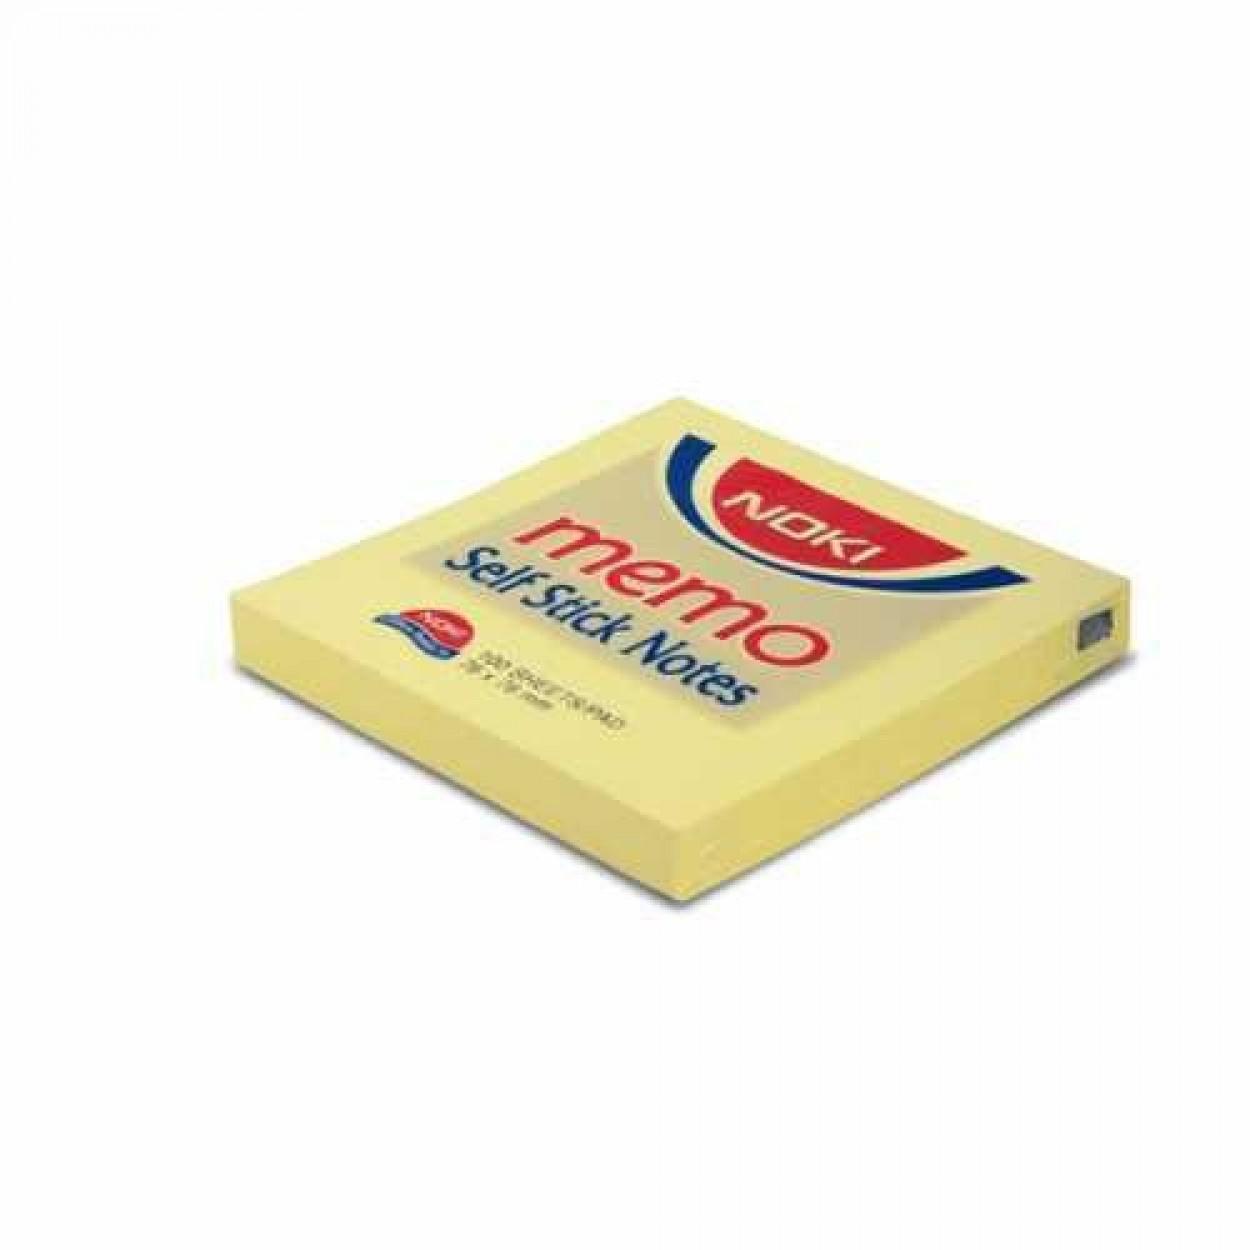 Noki Memo Stıck 75*75 Limon Sarı Yapışkanlı Not Kağıdı 12 Li Paket